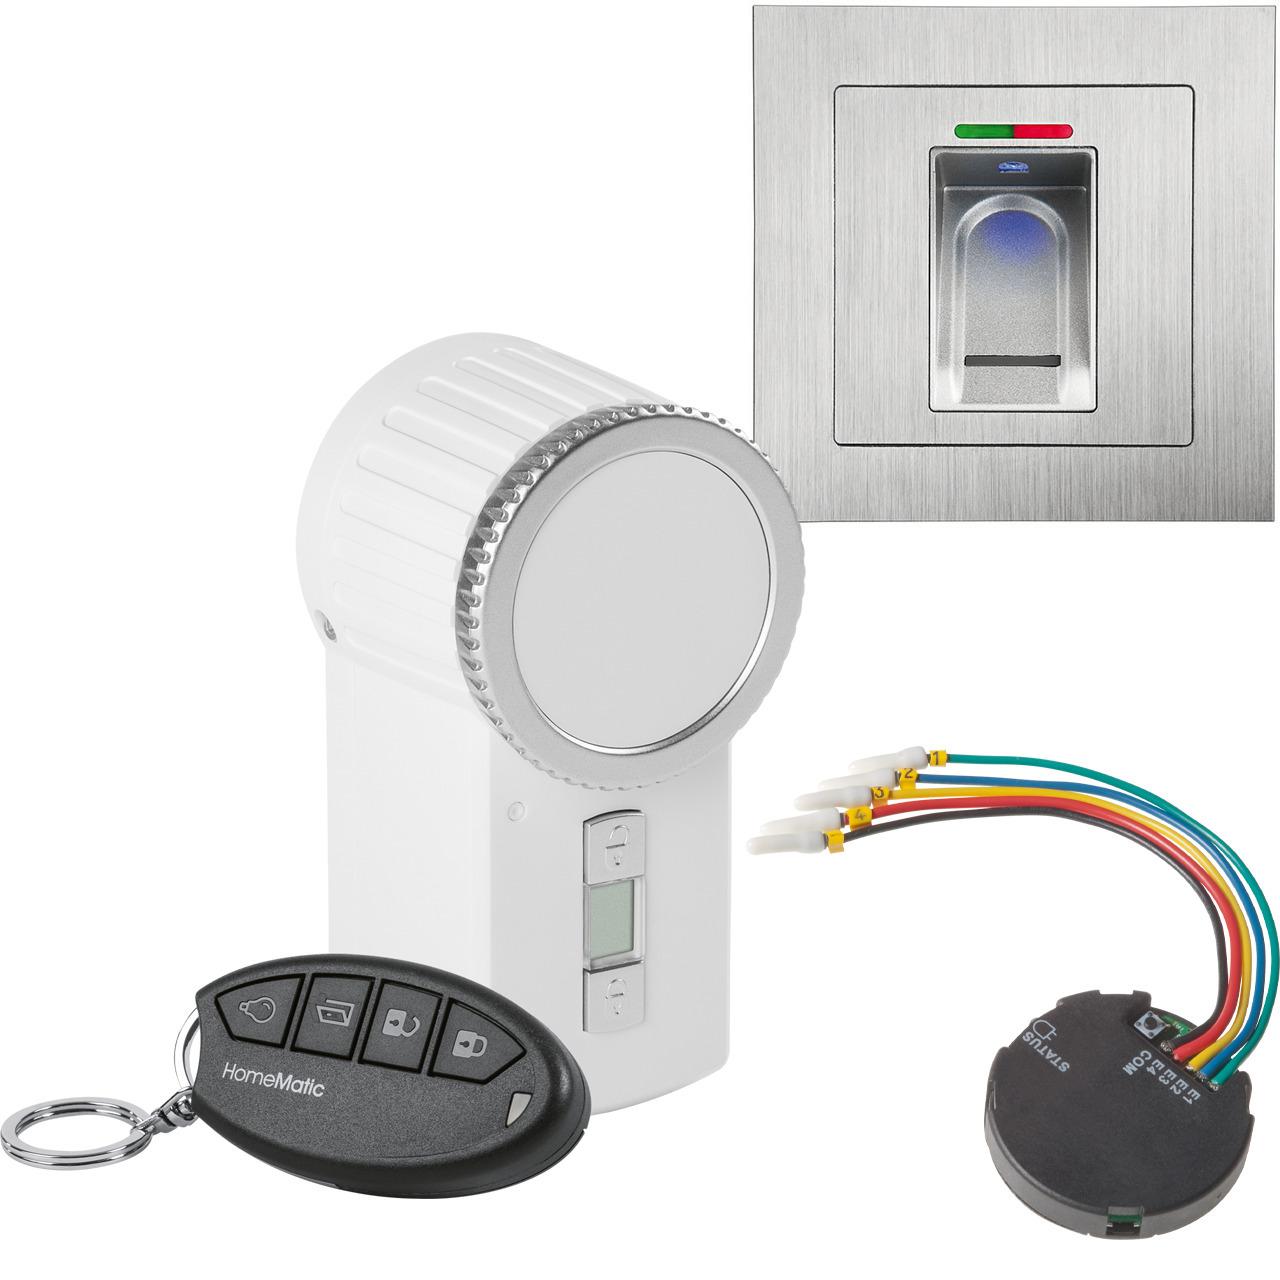 ELV Spar-Set mit BioKey Gate Fingerabdruckscanner (Aufputz) + Funk-Türschlossantrieb KeyMatic (weiss) + Funk-Tasterschnittstelle